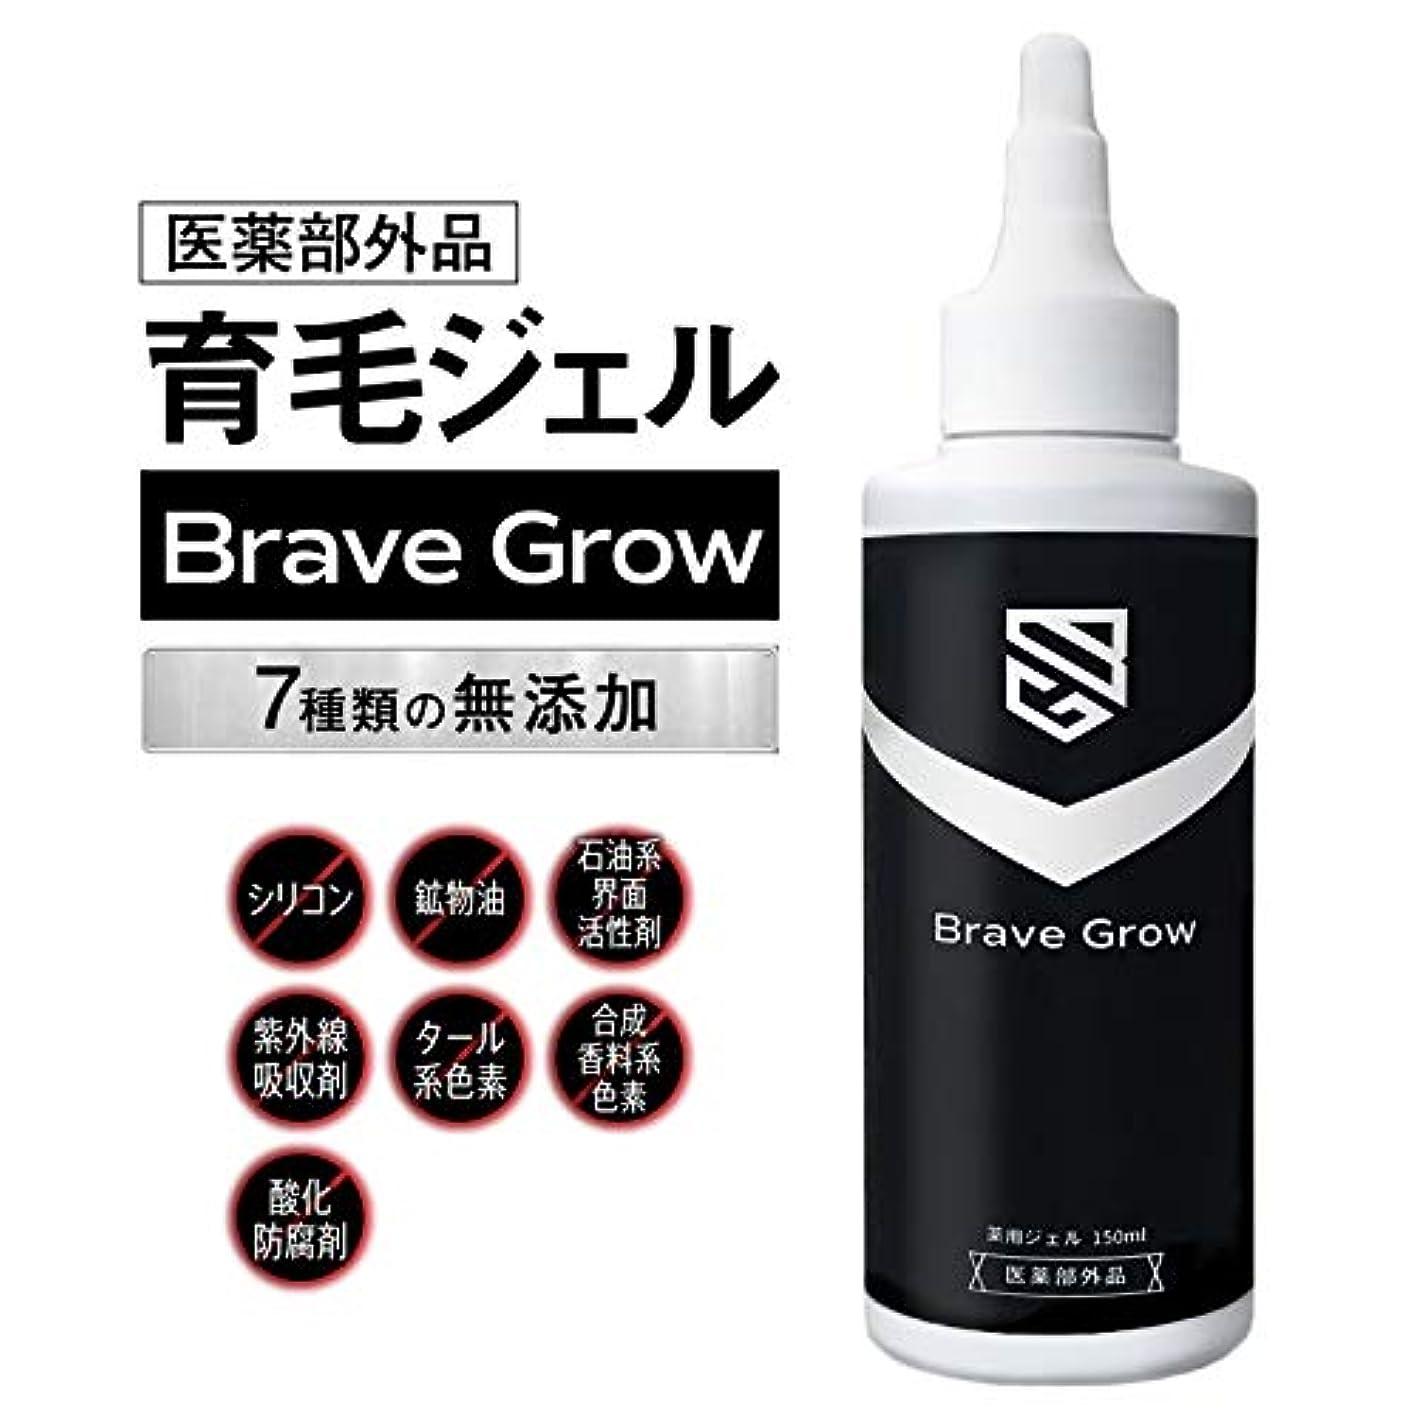 いくつかの警告する会計士育毛剤 BraveGrow ブレイブグロー 150ml 【医薬部外品】ジェルタイプ 男性